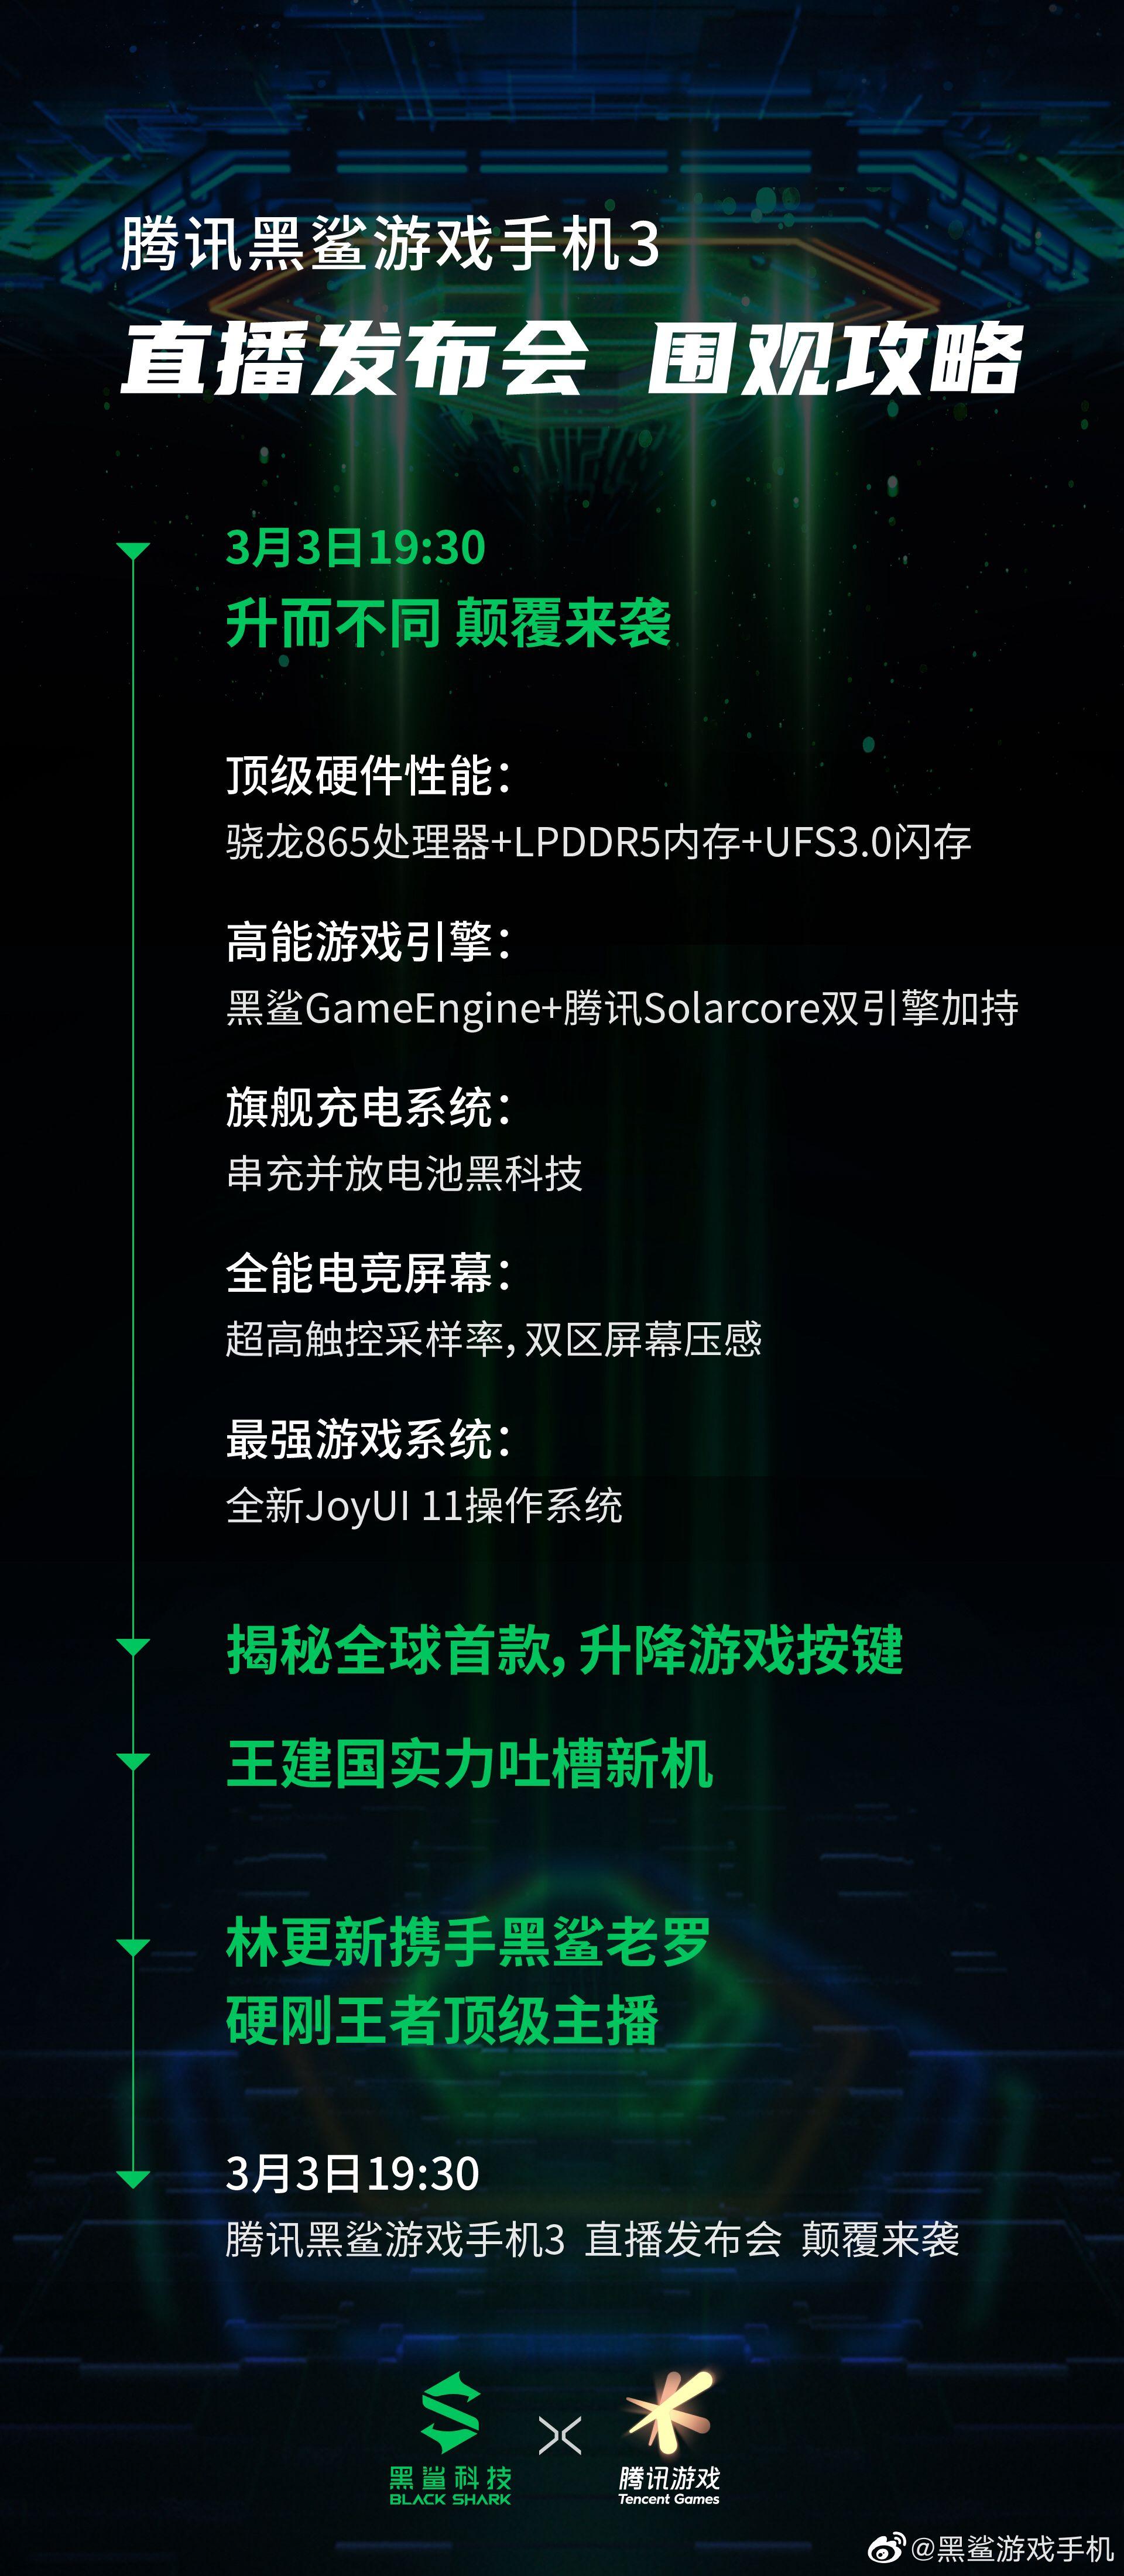 腾讯黑鲨游戏手机3发布会视频直播